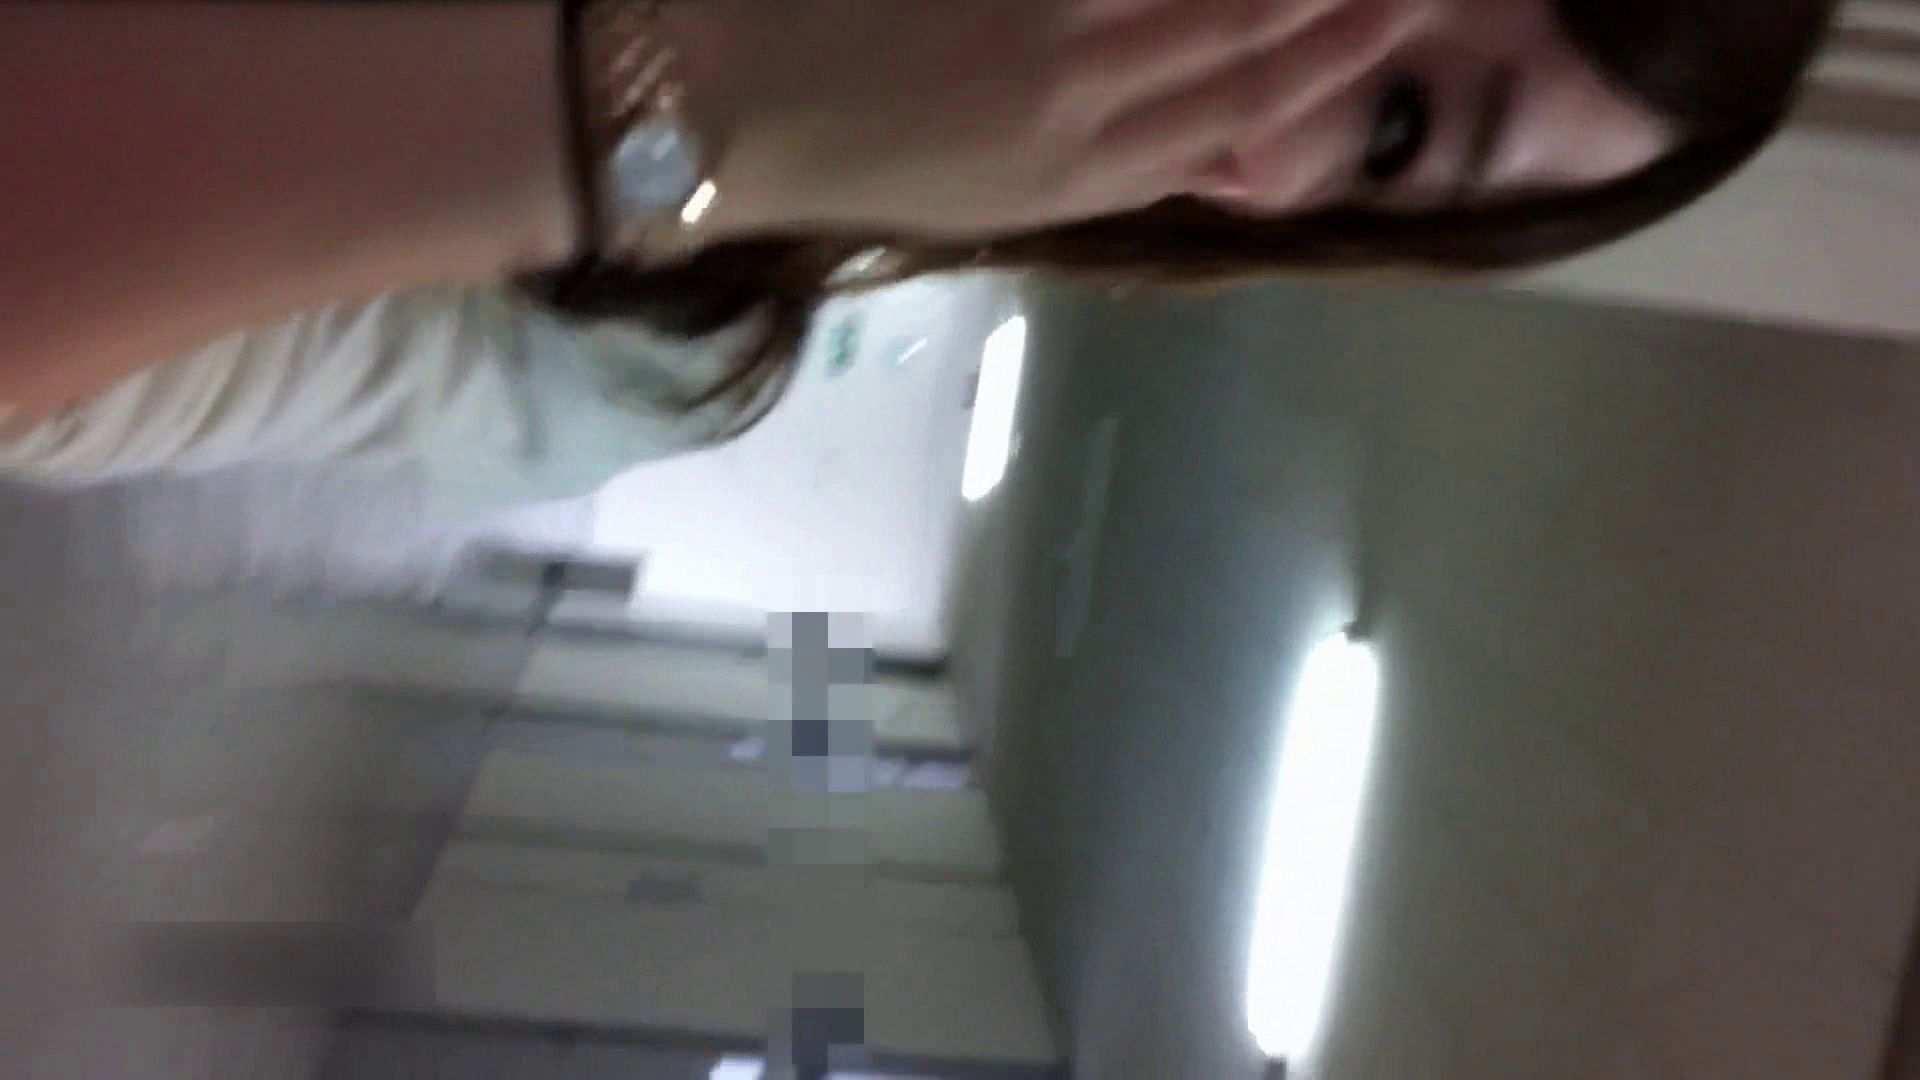 お姉さんの恥便所盗撮! Vol.24 美女エロ画像 オメコ無修正動画無料 97PICs 33